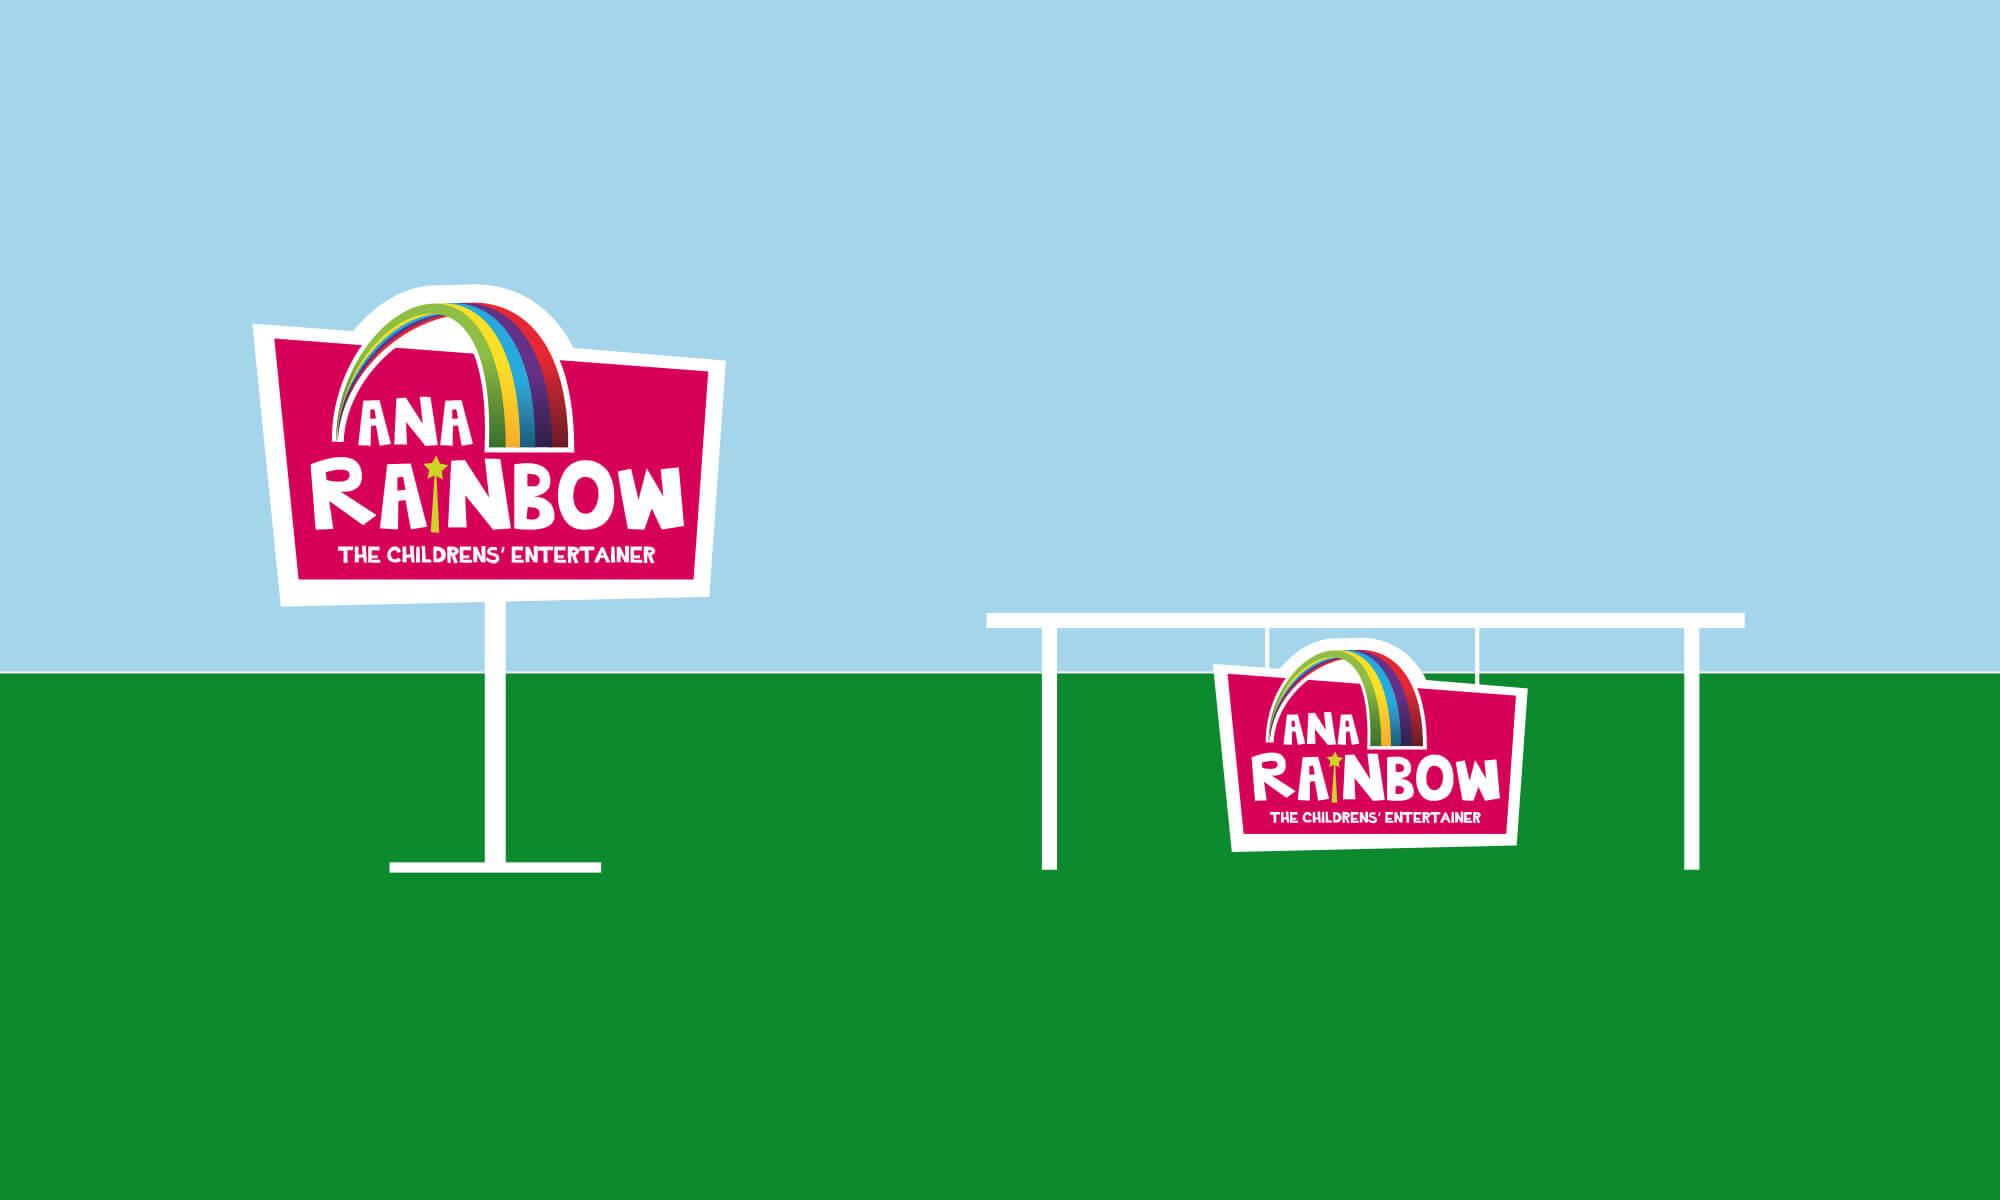 Ana Rainbow logo